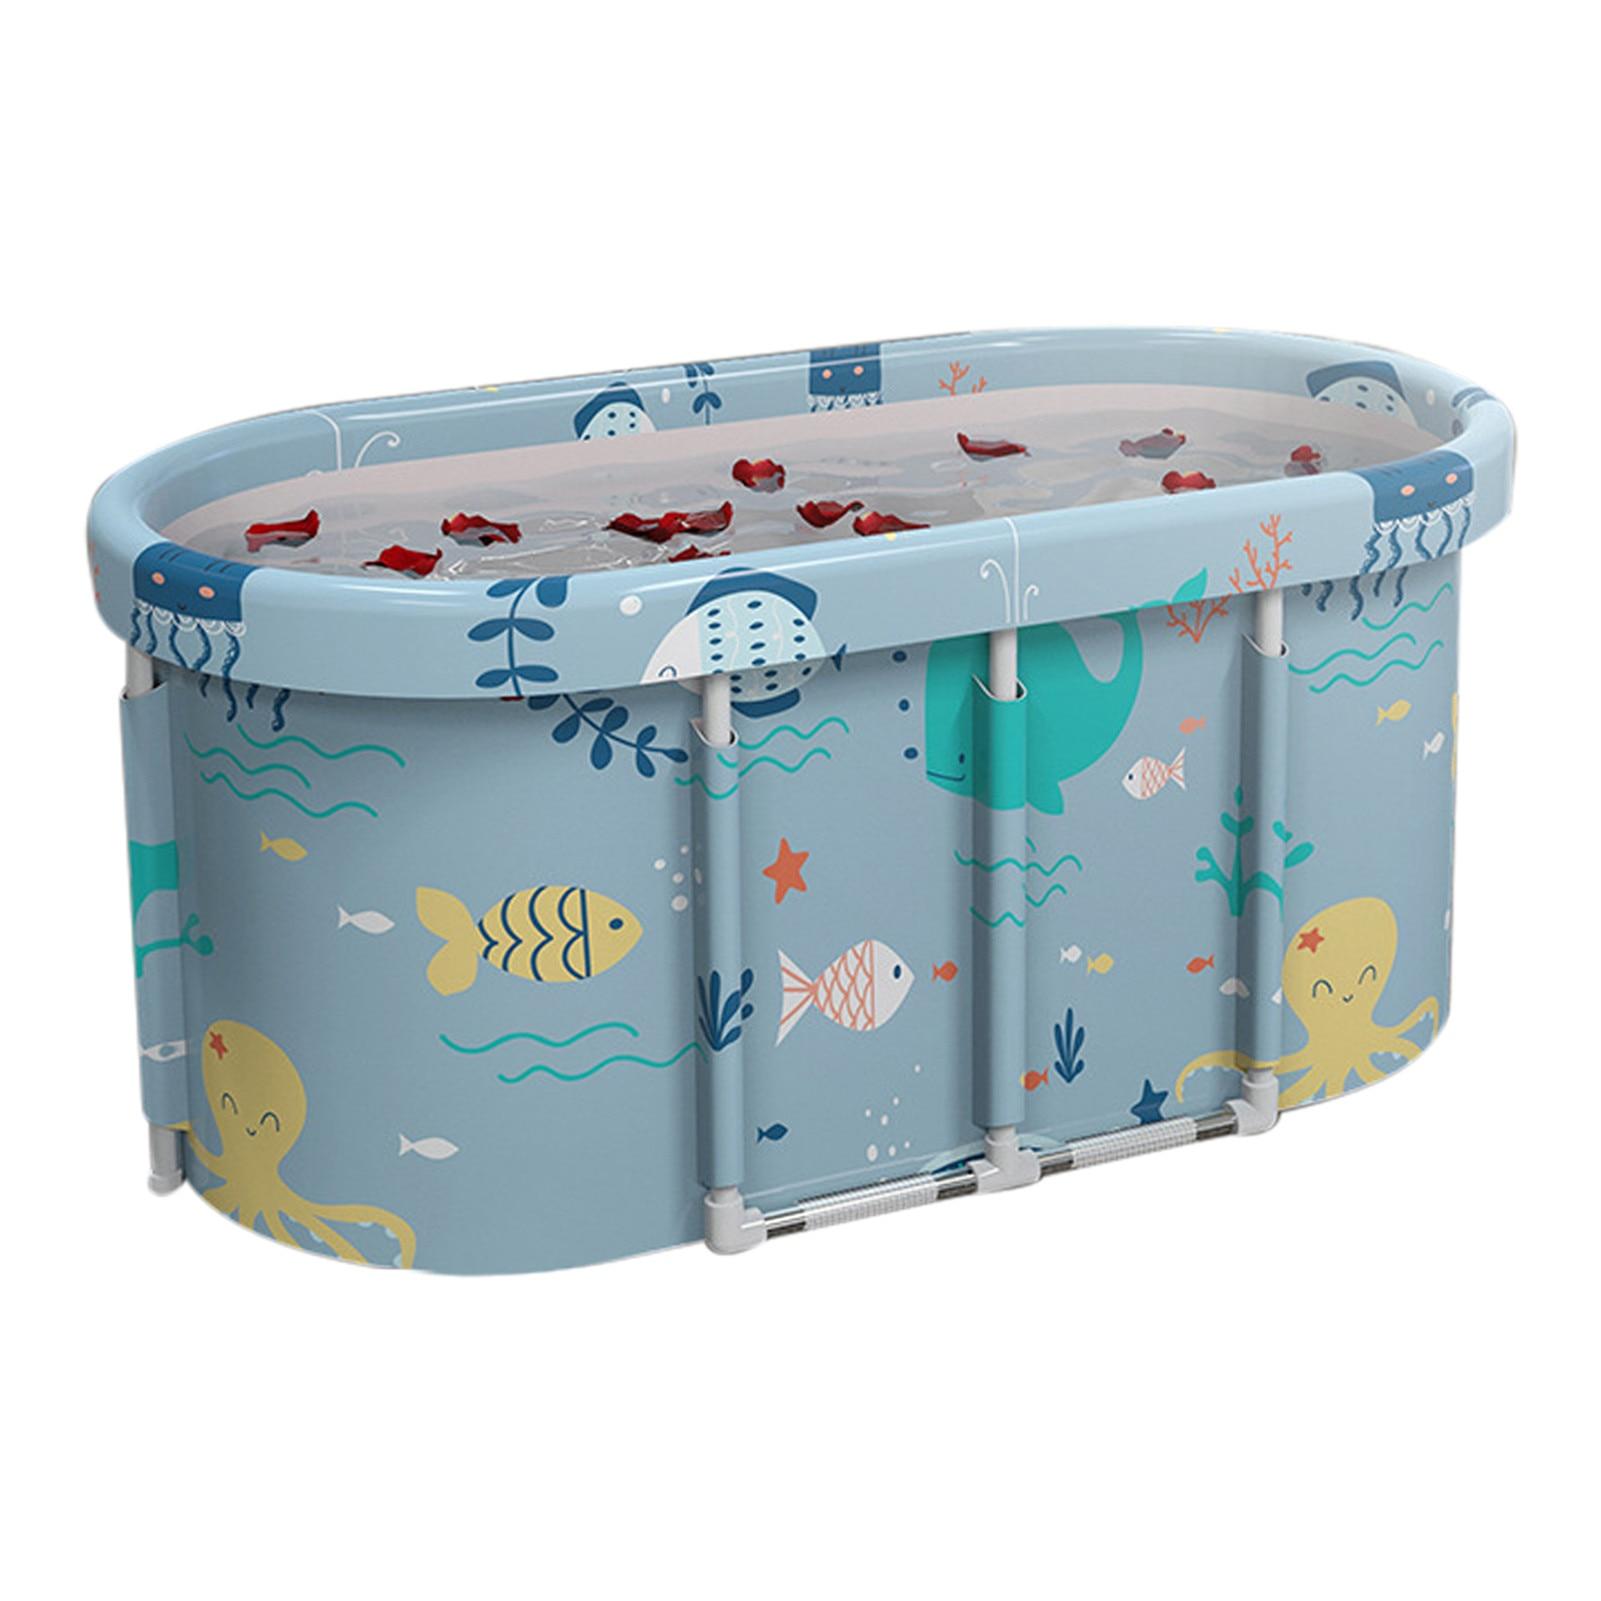 115 x60 x 51cm banheira dobrável banheira de banho adulto piscina universal spa banheira dobra não há necessidade de desmontar banheira de corpo inteiro grande